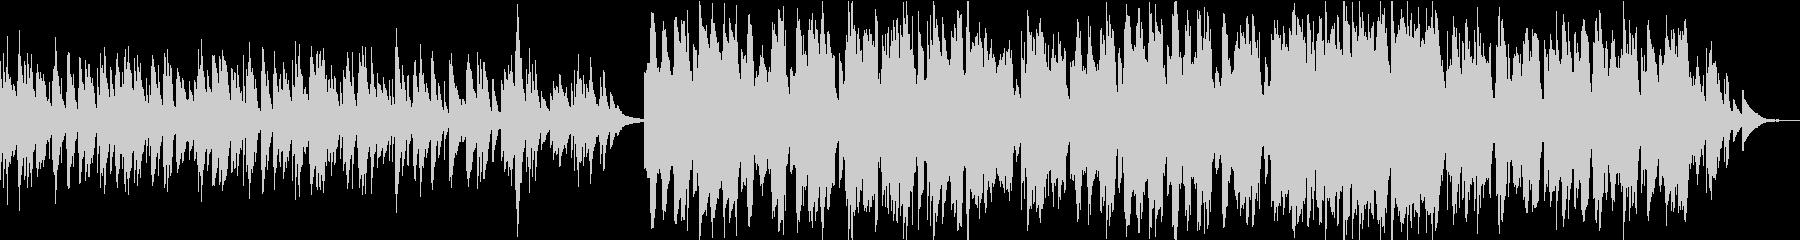 ケルトのホイッスルとハープの柔らかな曲7の未再生の波形